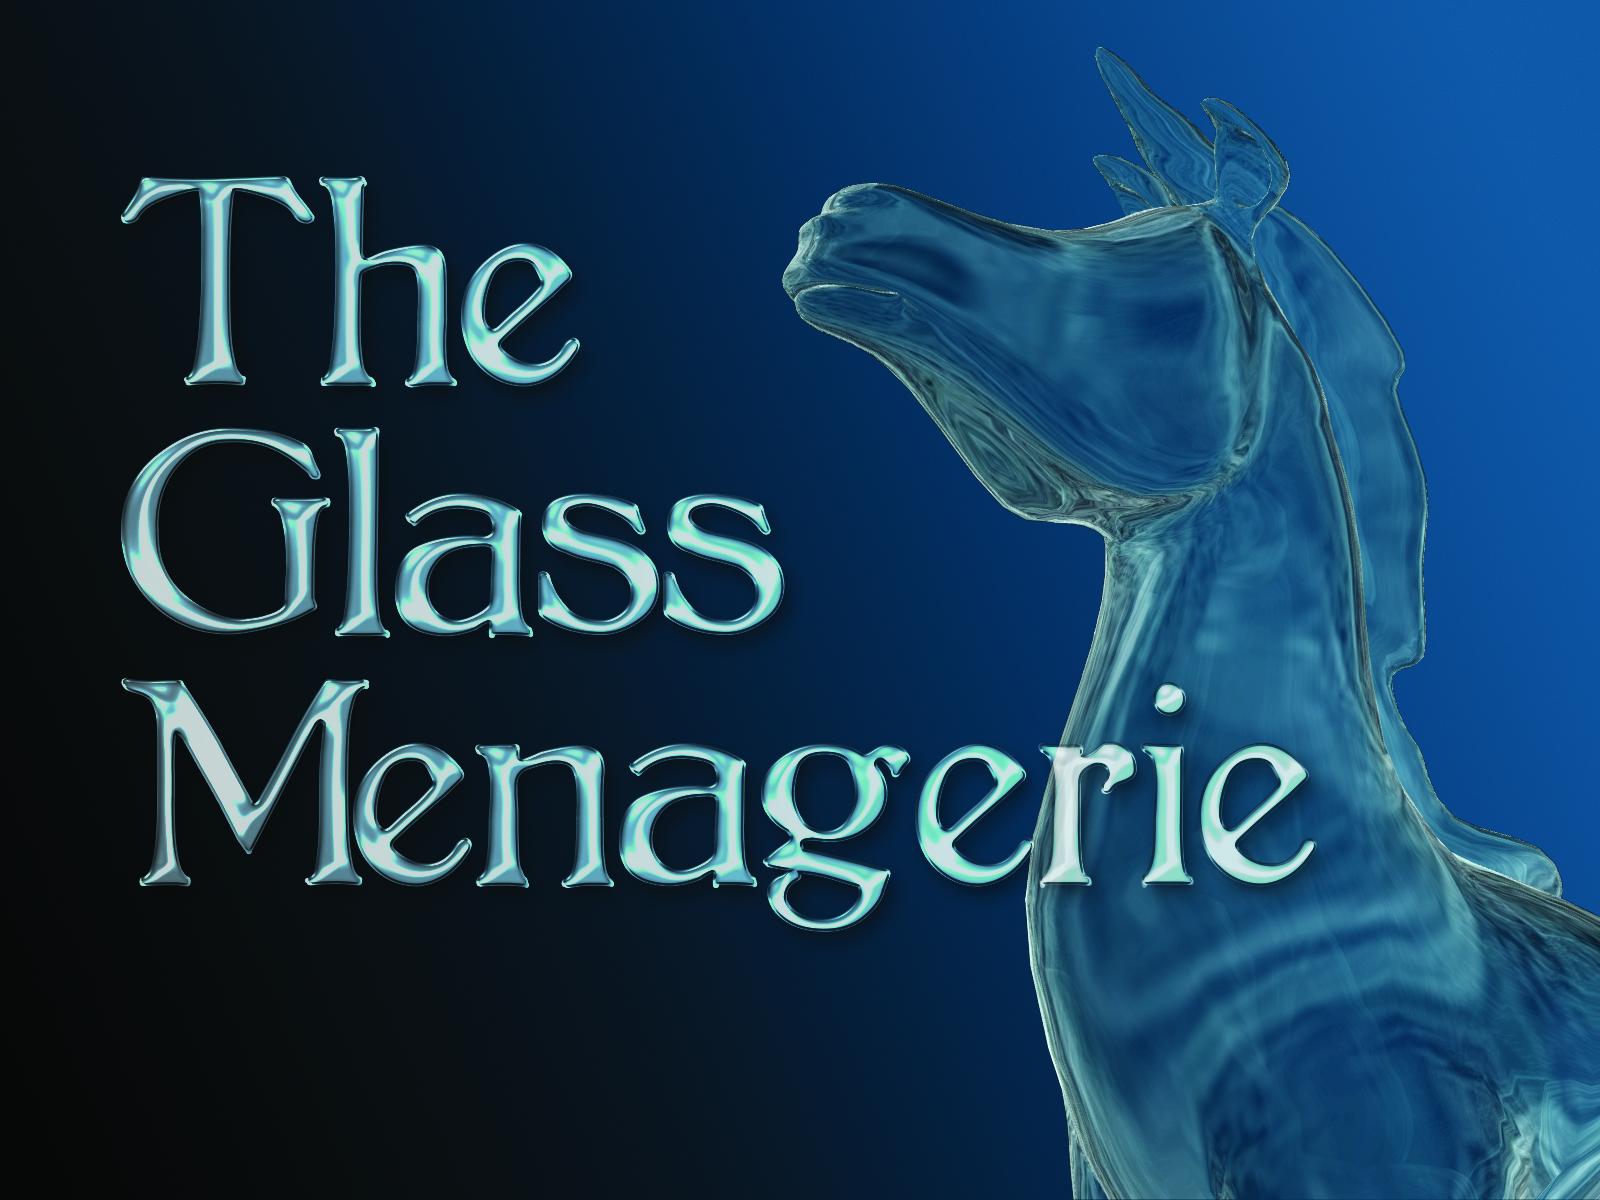 Glass_Menagerie.jpg